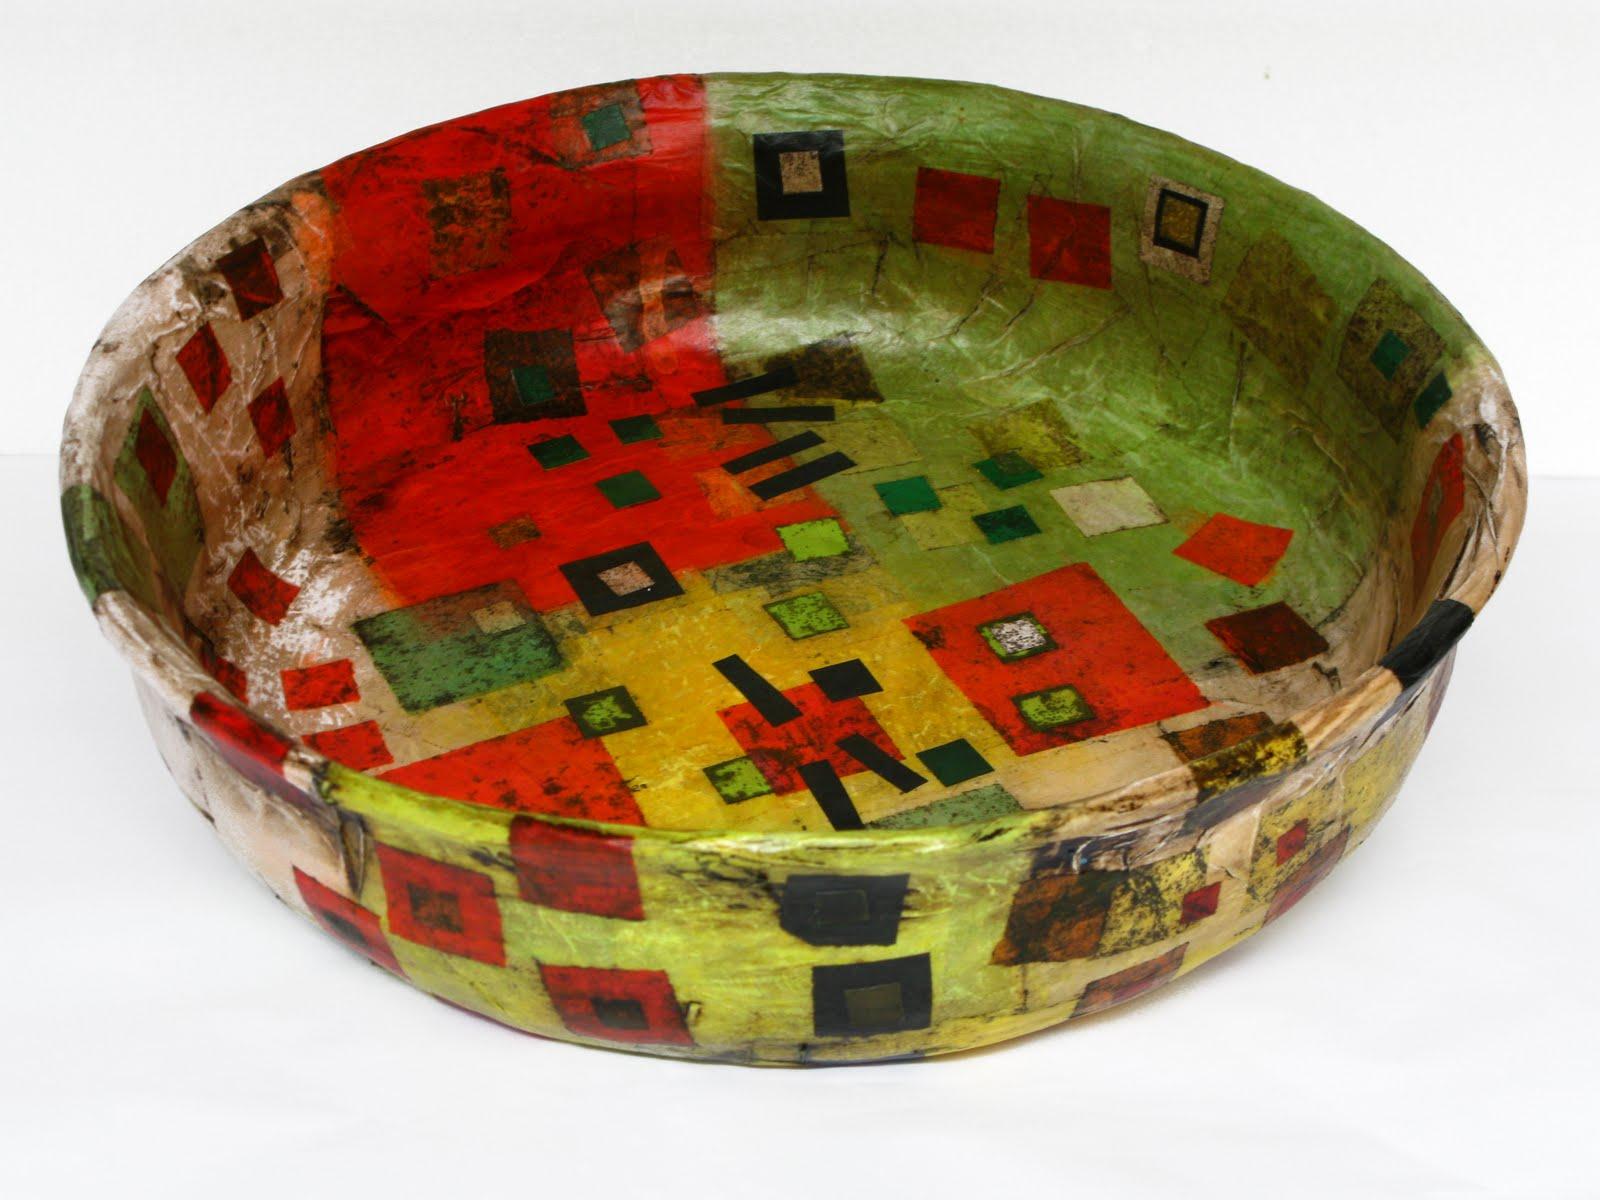 Artes y objetos objetos de dise o y decoraci n papel mach for Objetos de decoracion de diseno